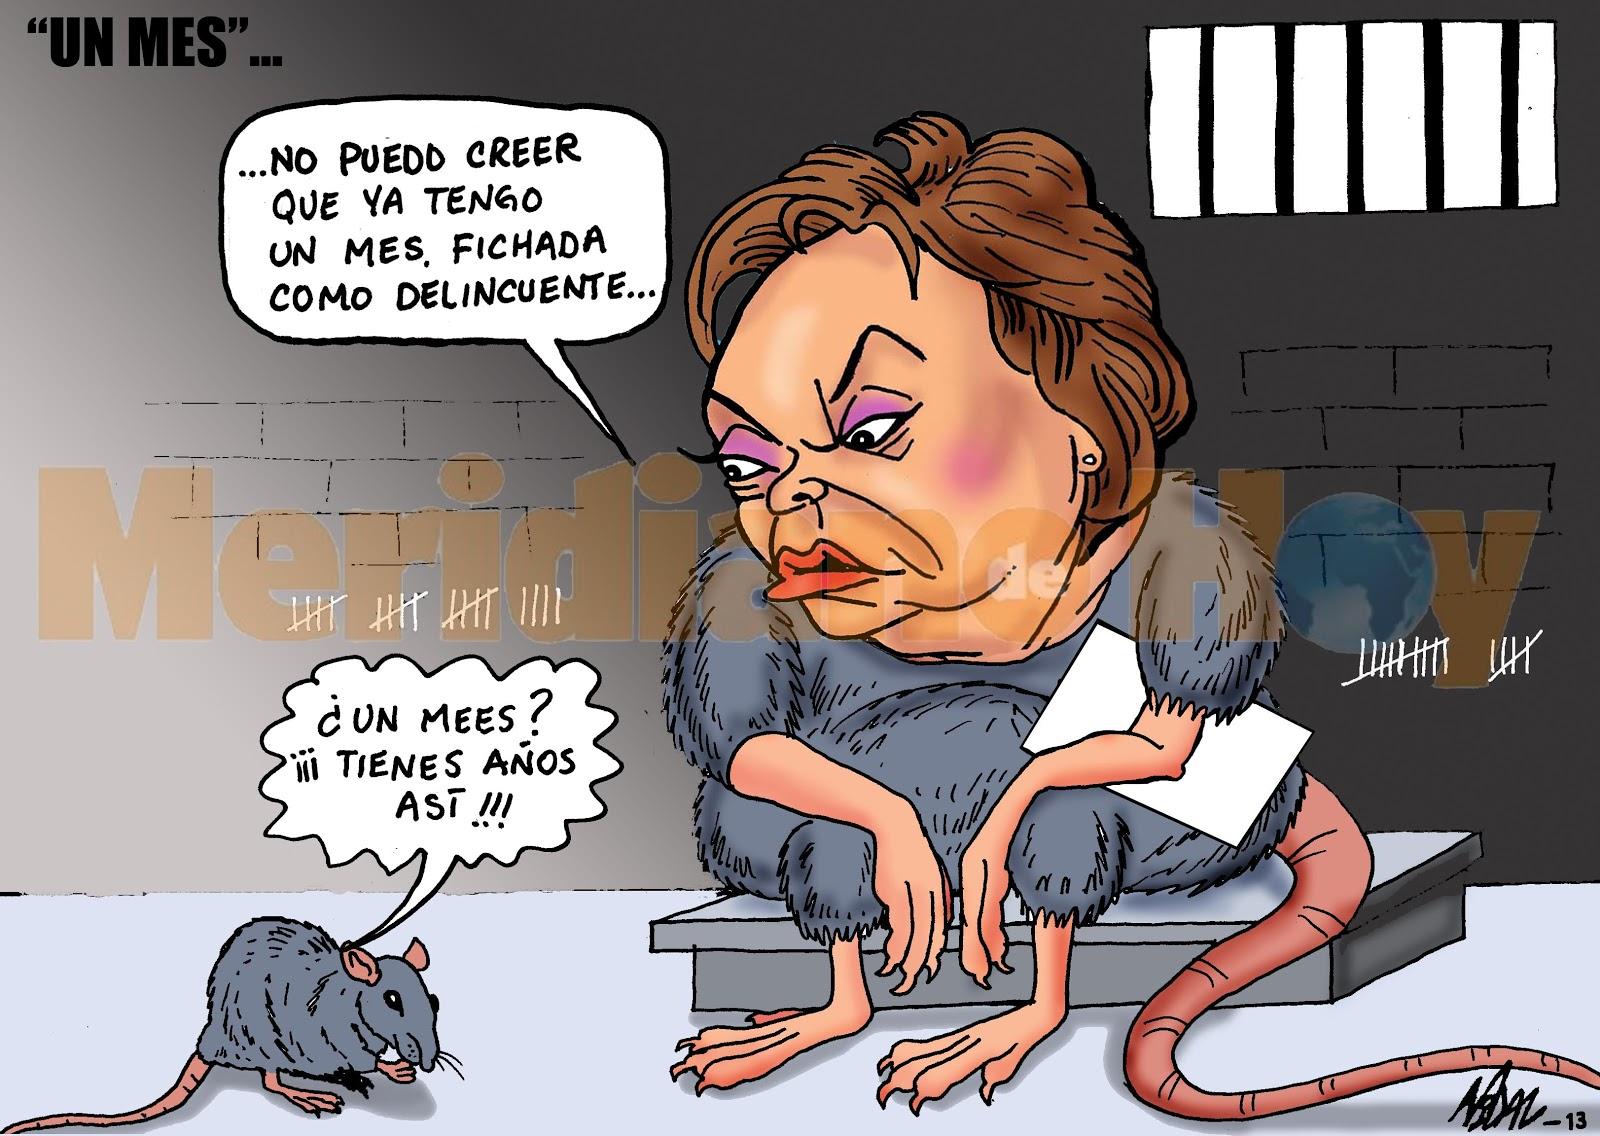 jose pablo barragan nieto: